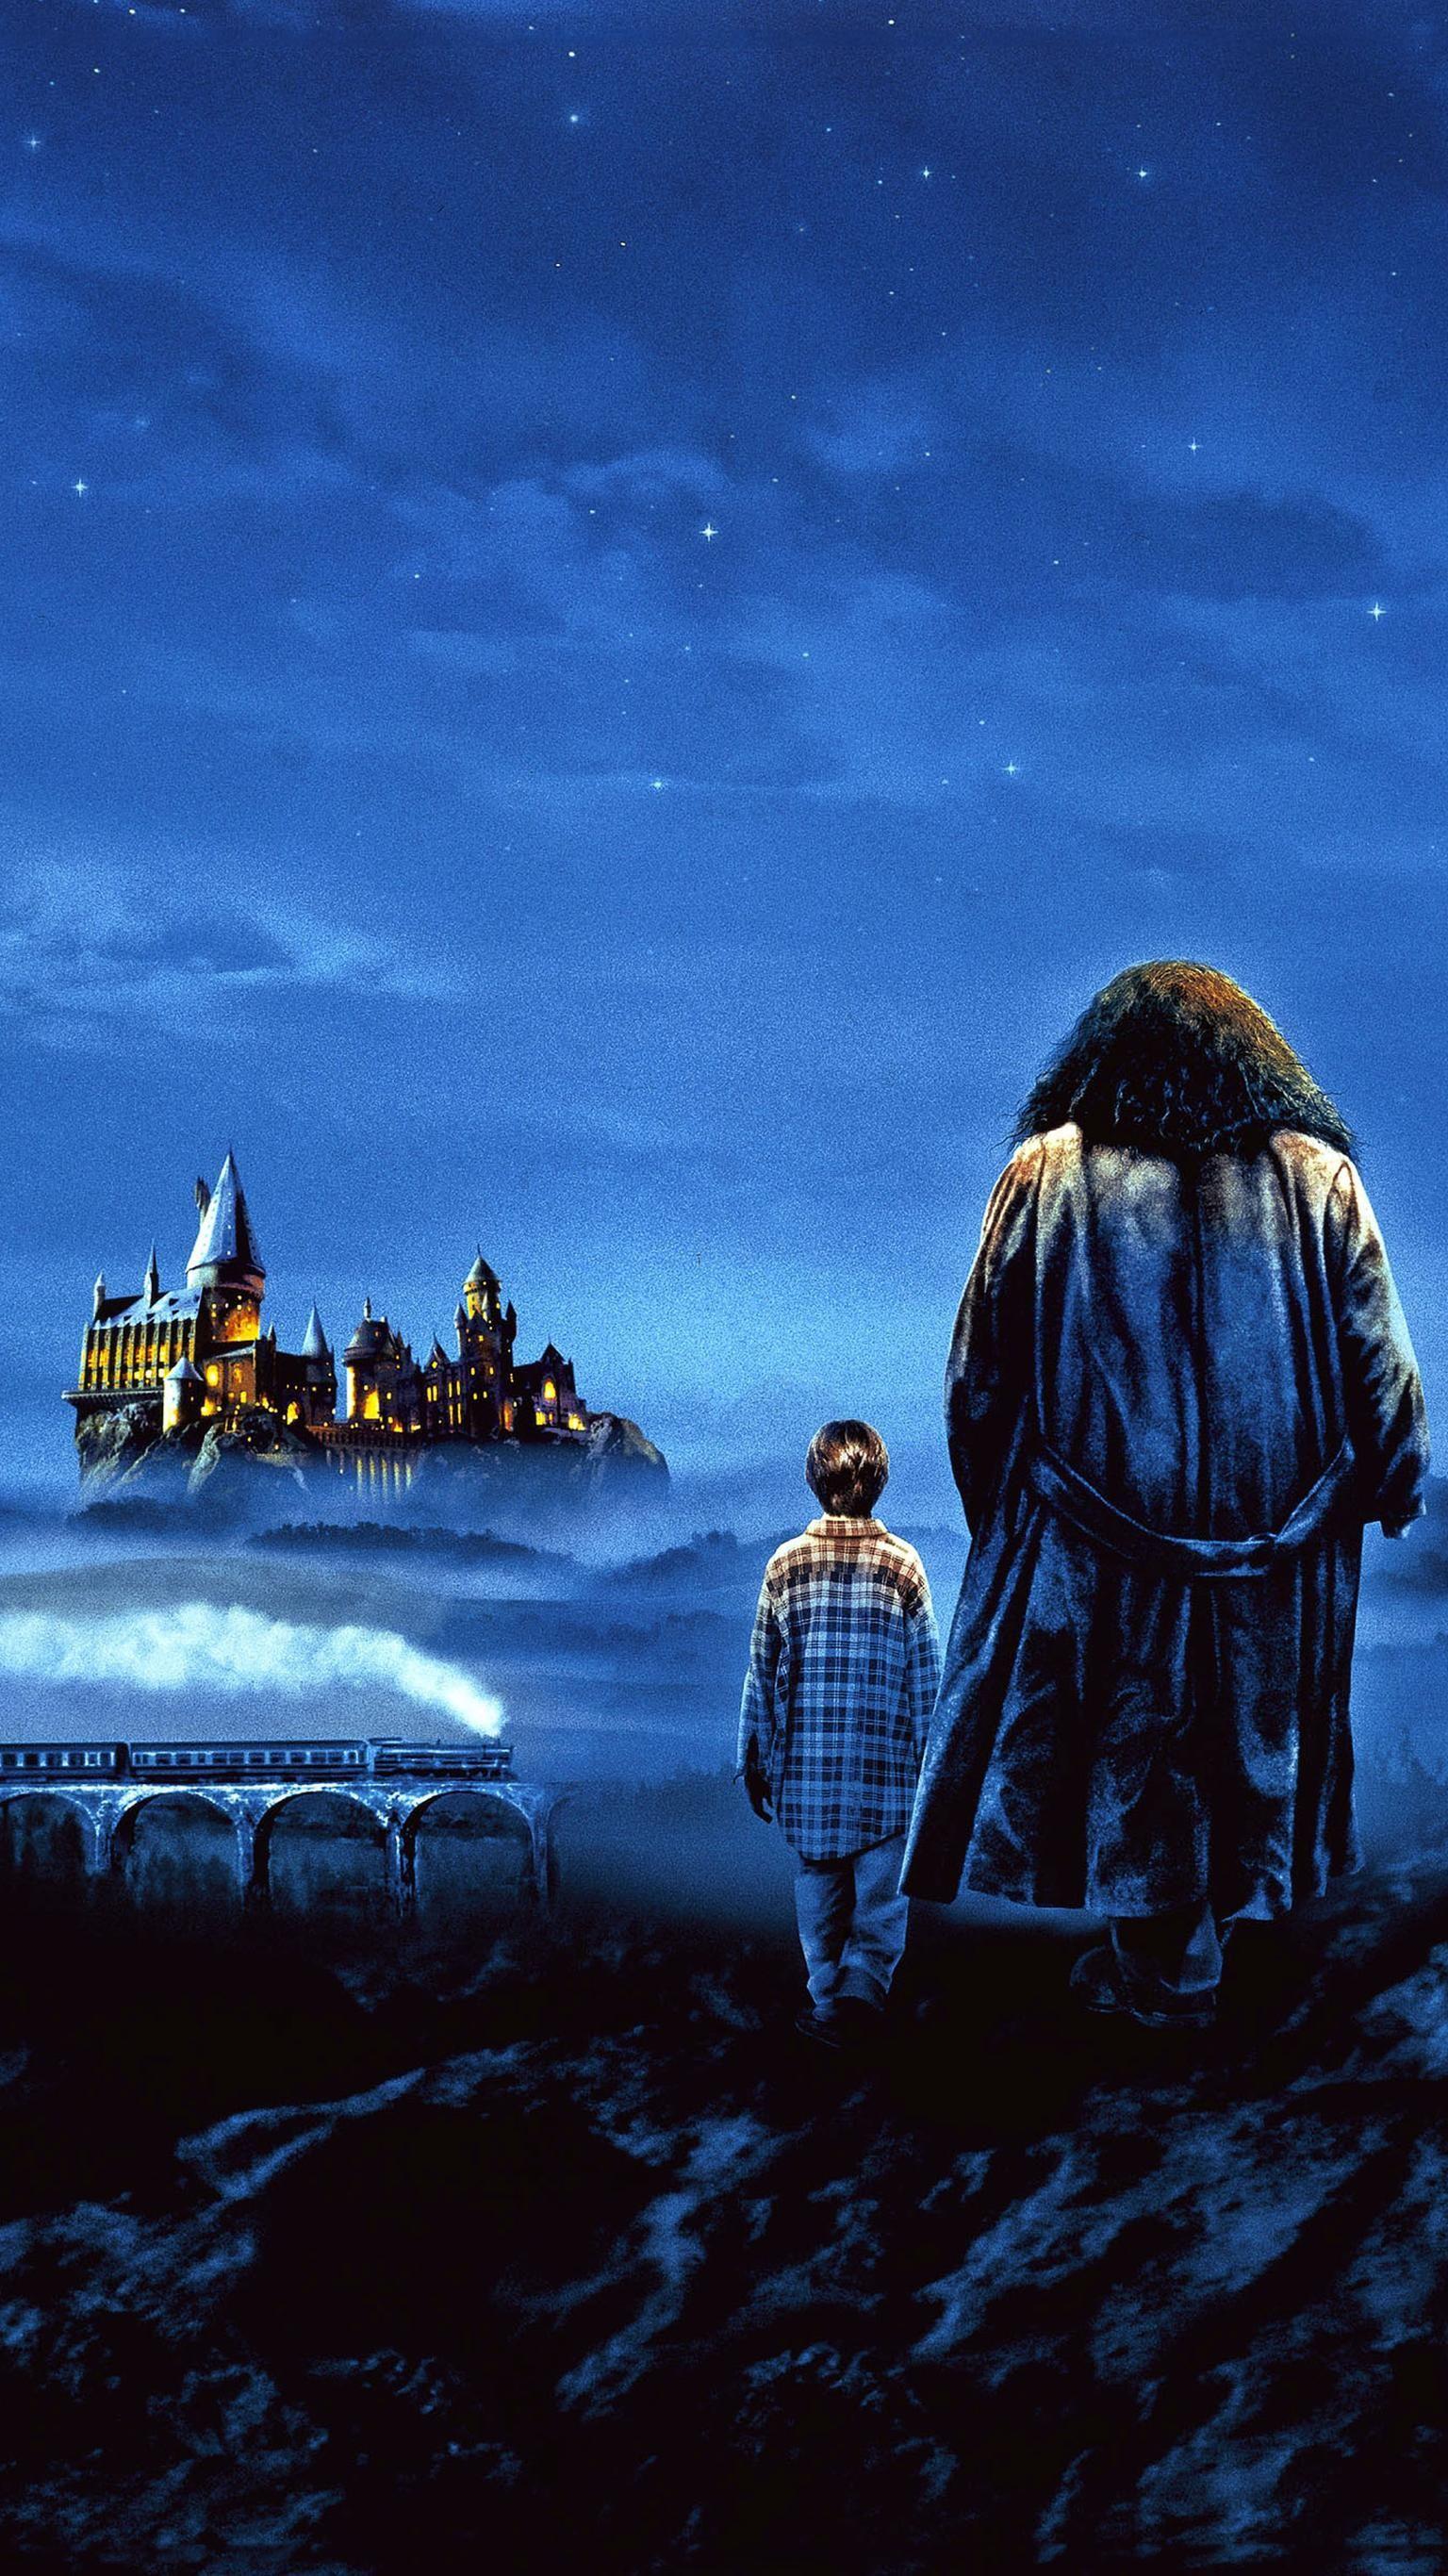 Harry Potter Und Der Stein Der Weisen 2001 Moviemania Movie Der Harry Movie Moviemania P Harry Potter Harry Potter Filmleri Harry Potter Sanati